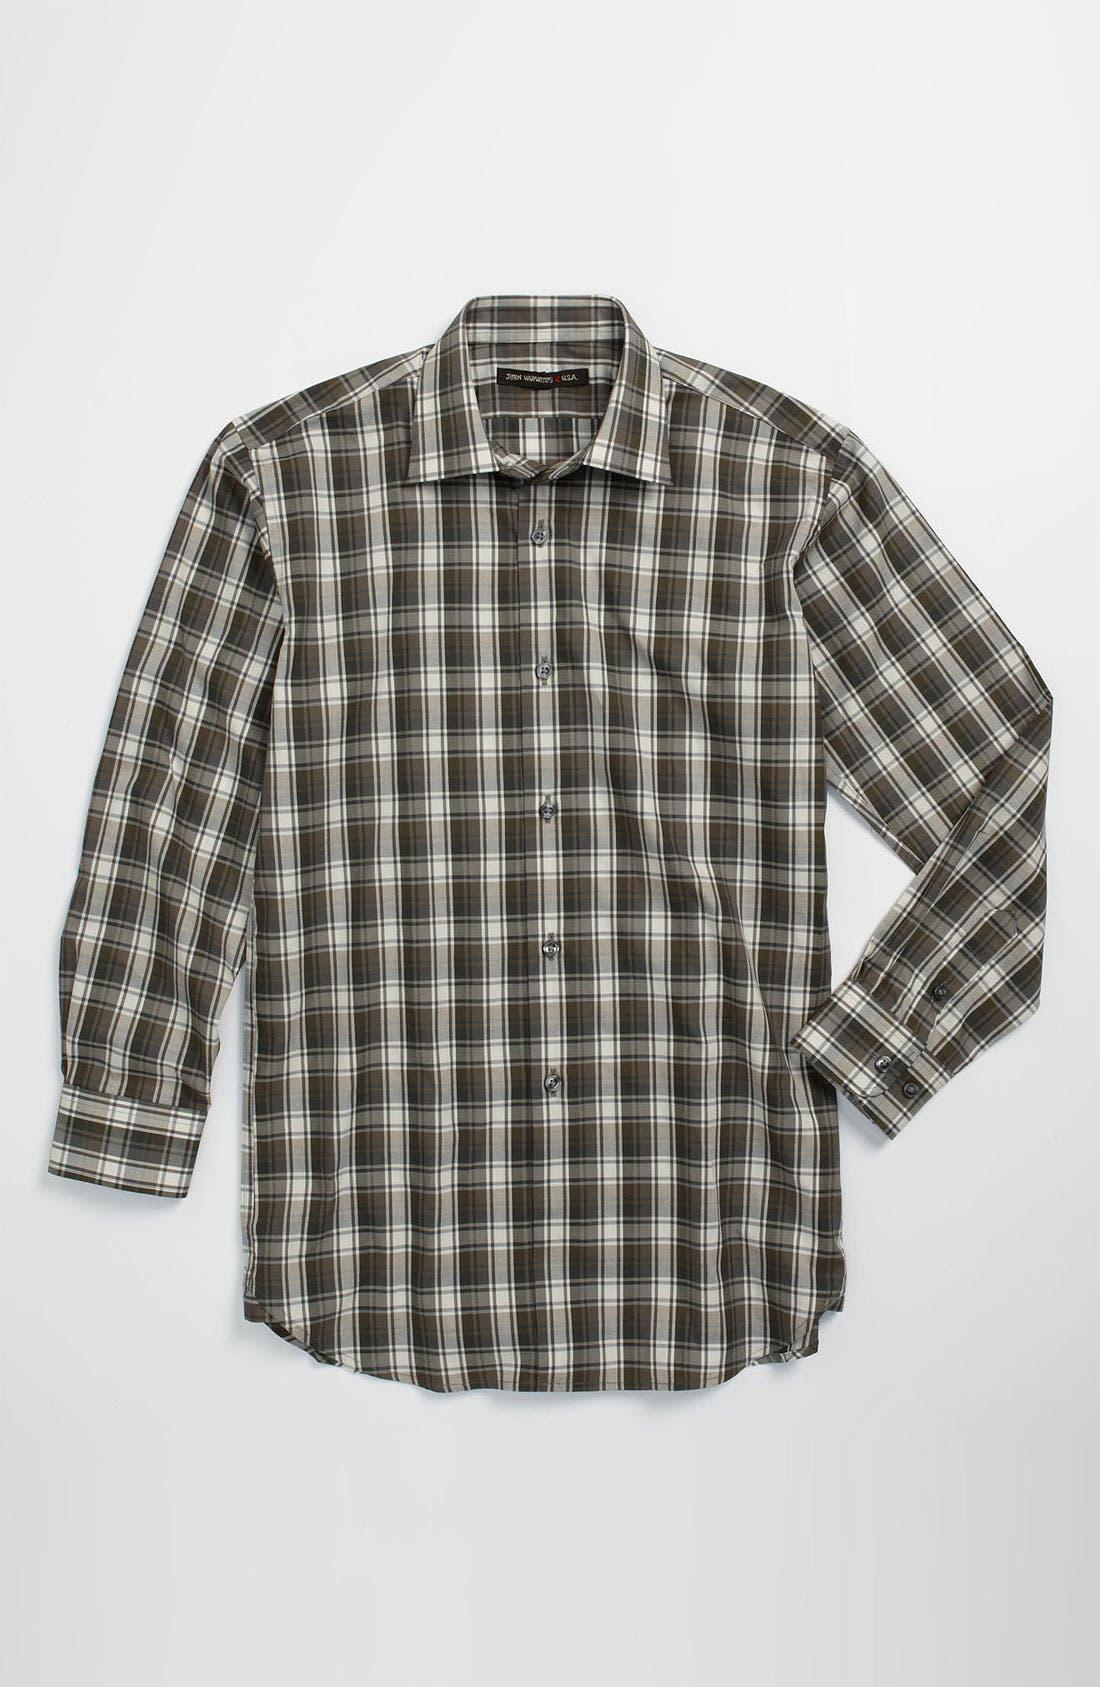 Alternate Image 1 Selected - John Varvatos Star USA Plaid Dress Shirt (Big Boys)